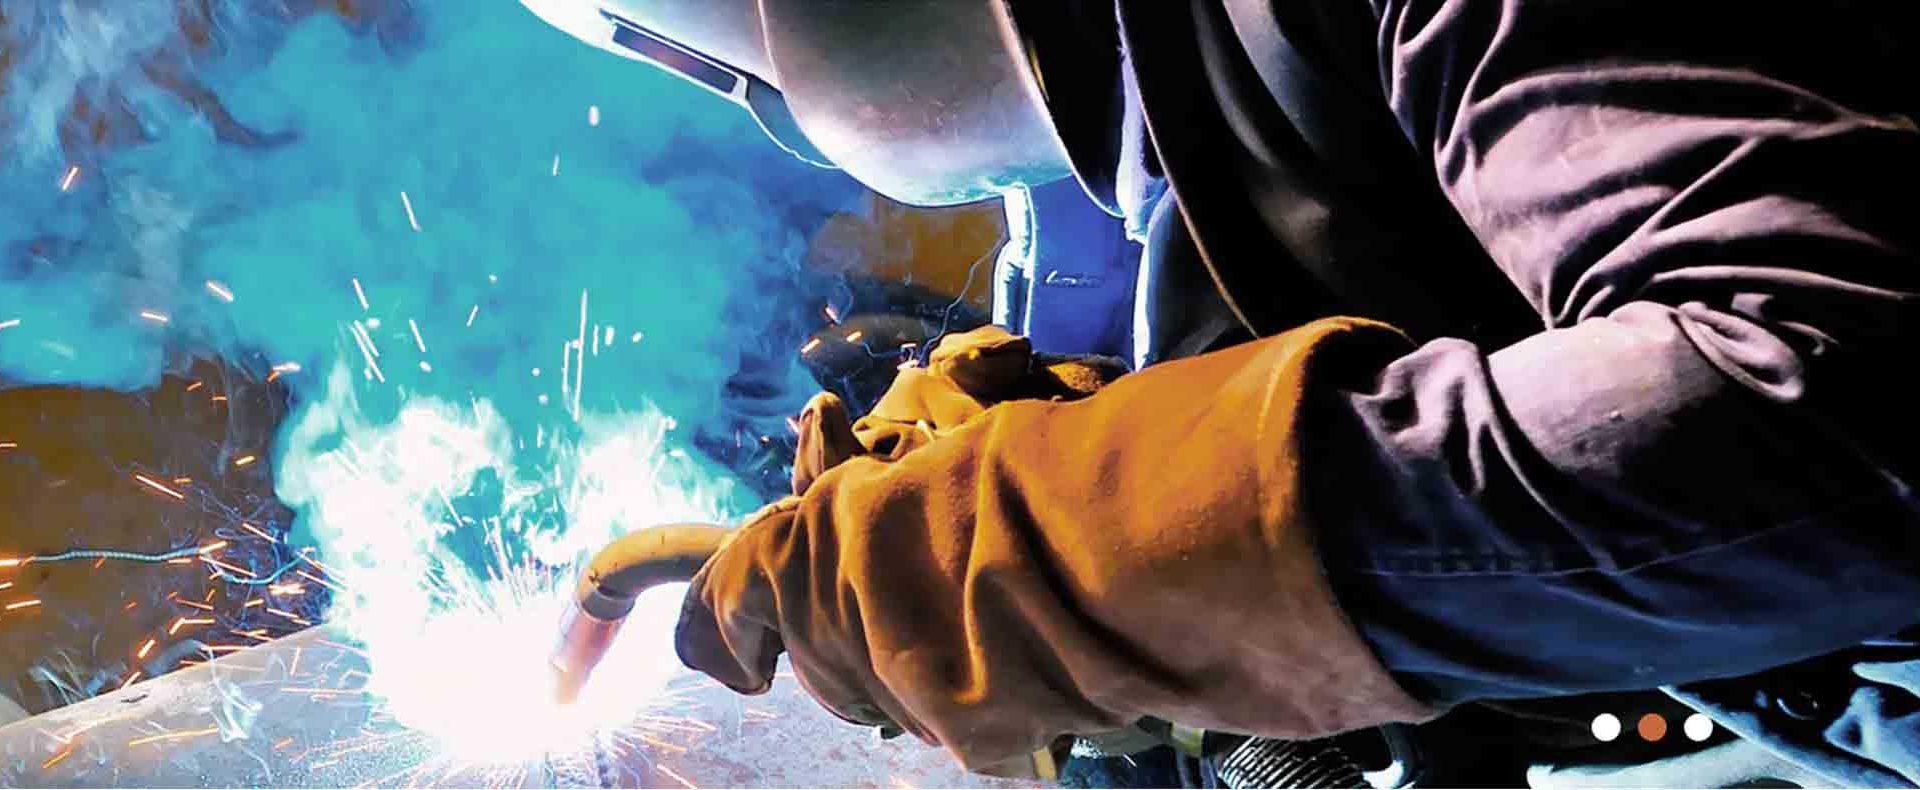 slider-welding-01